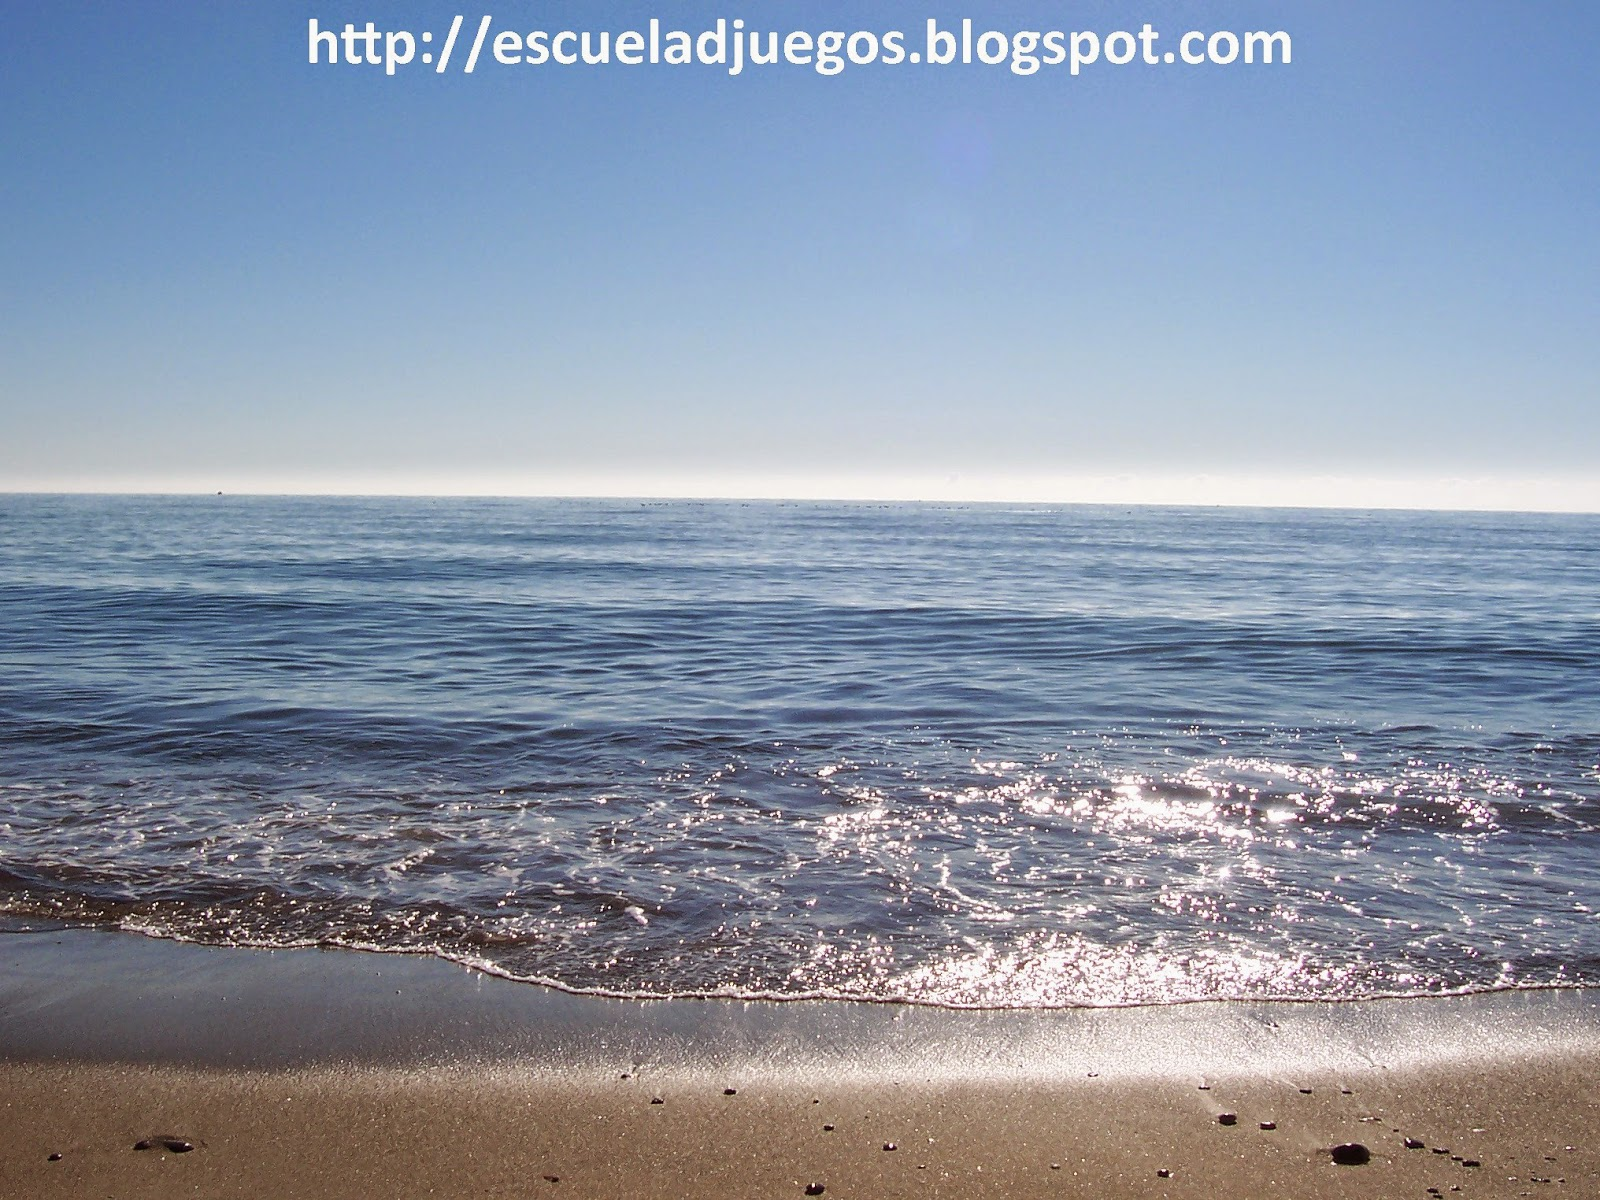 Foto de la playa de Estepona para el anuncio de las vacaciones de verano, durante las que trabajaremos en las novedades para el próximo curso, como nuevas secciones y un sorteo para el primer aniversario del blog.